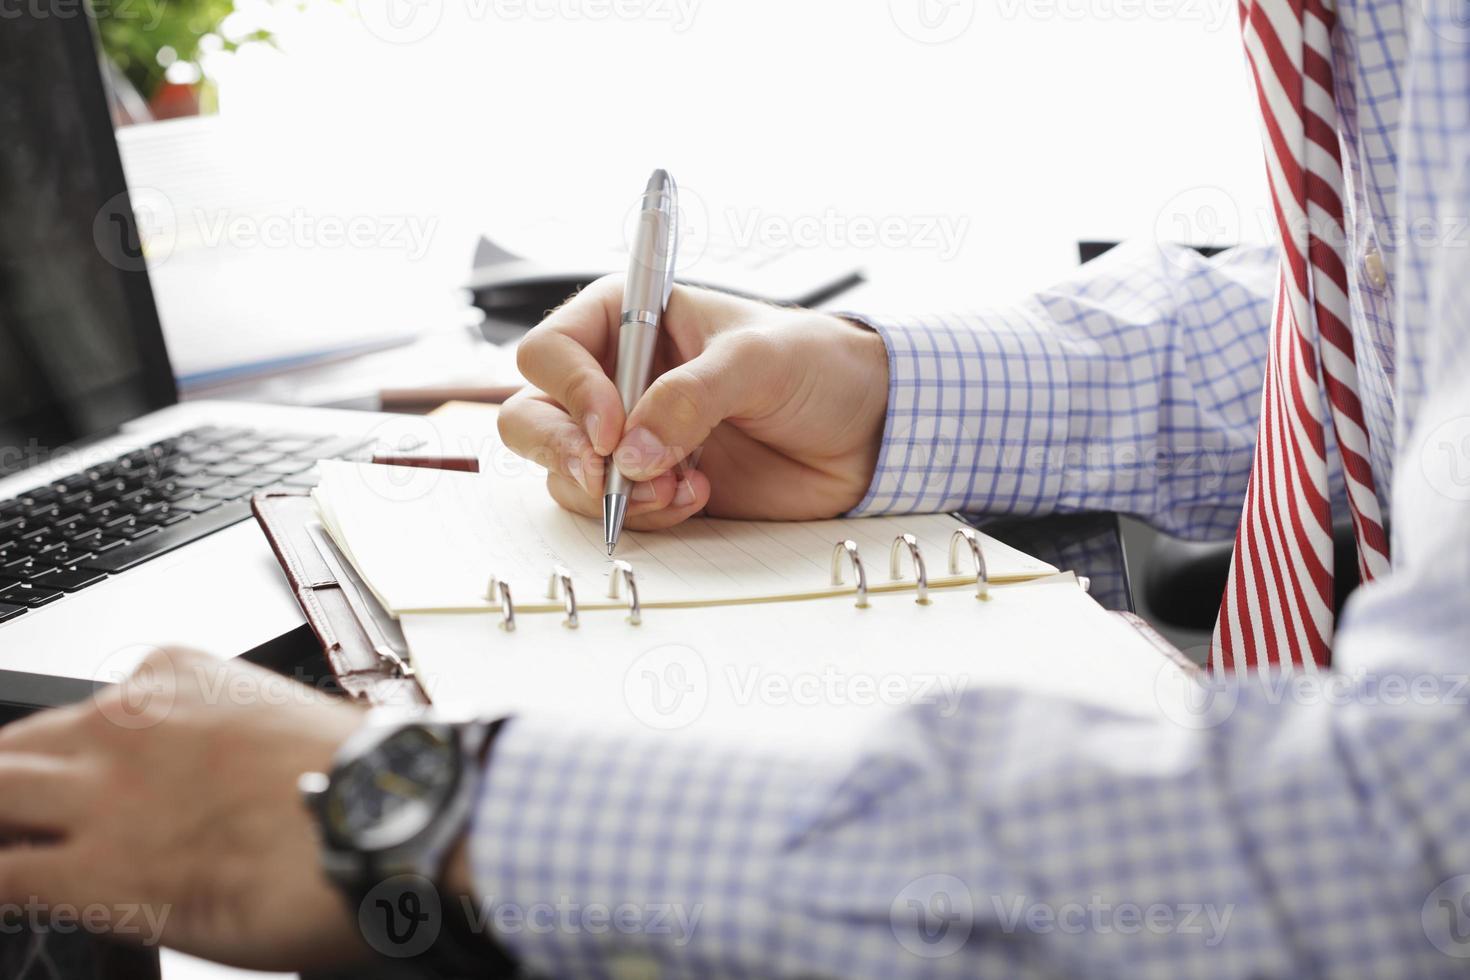 un uomo che scrive nel suo calendario personale foto